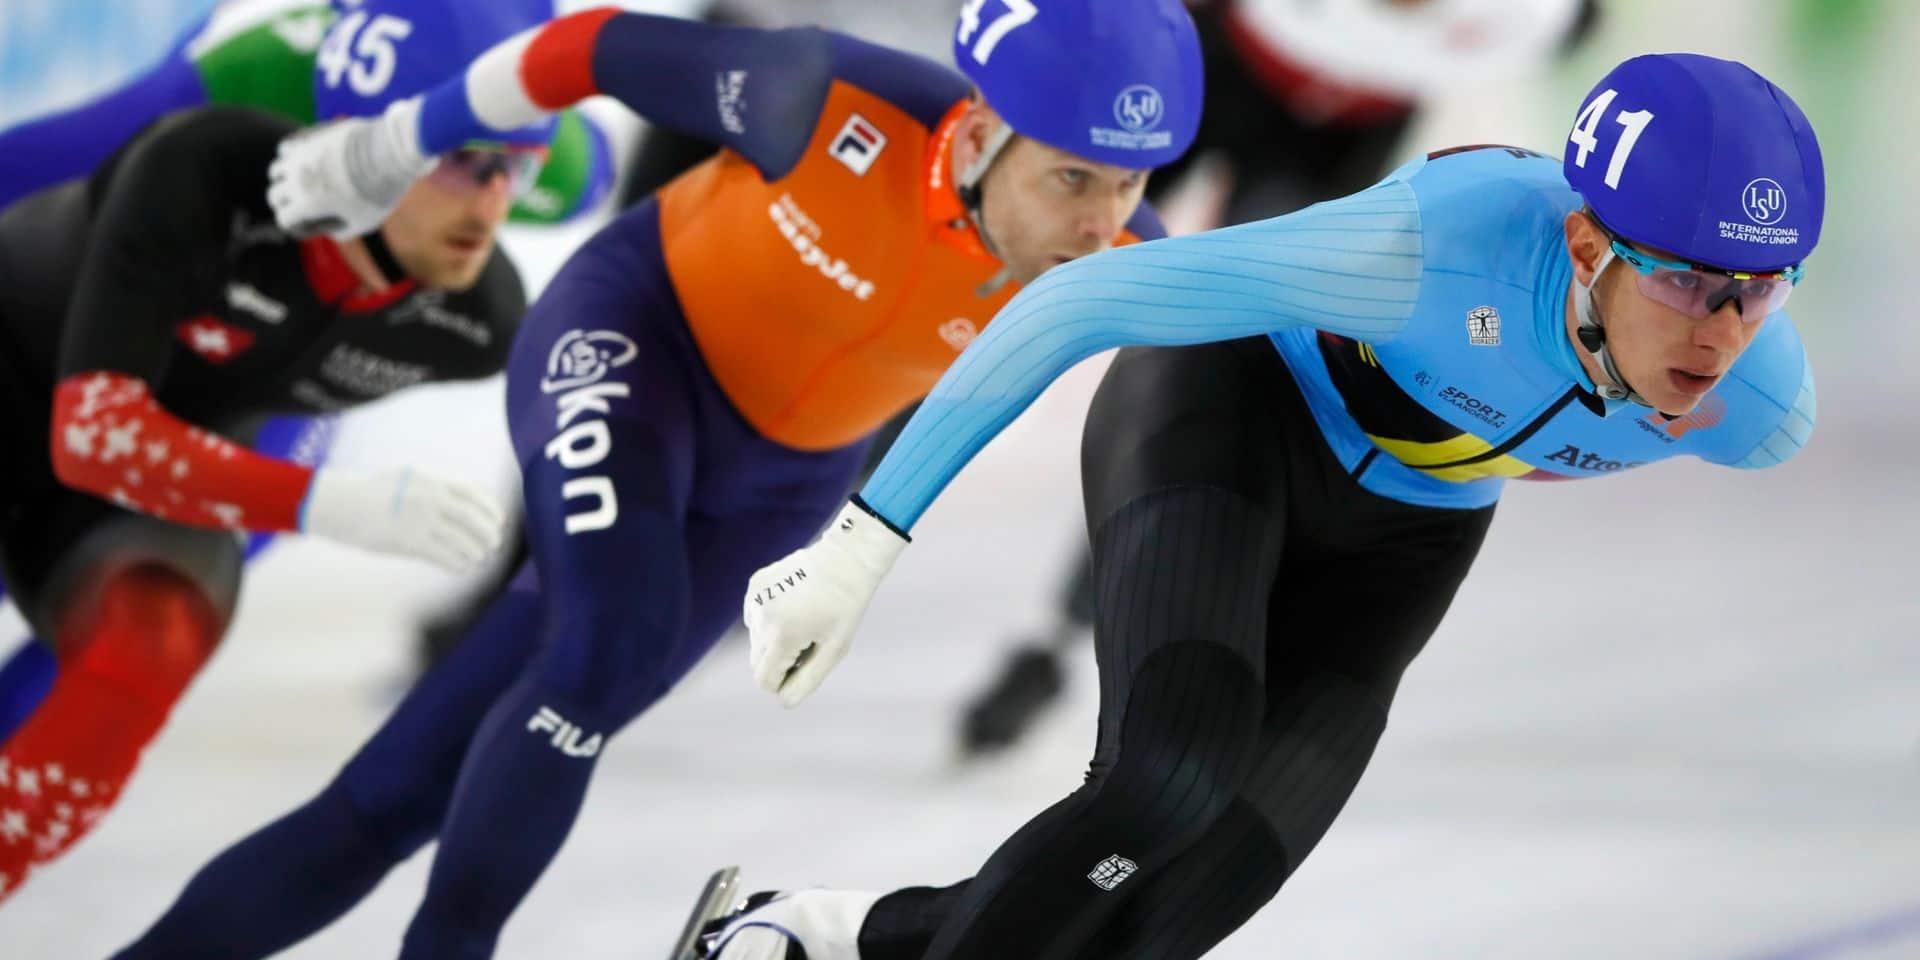 Mondiaux de patinage toutes distances : Bart Swings 15e du 5.000 mètres, le titre pour le Canadien Ted-Jan Bloemen